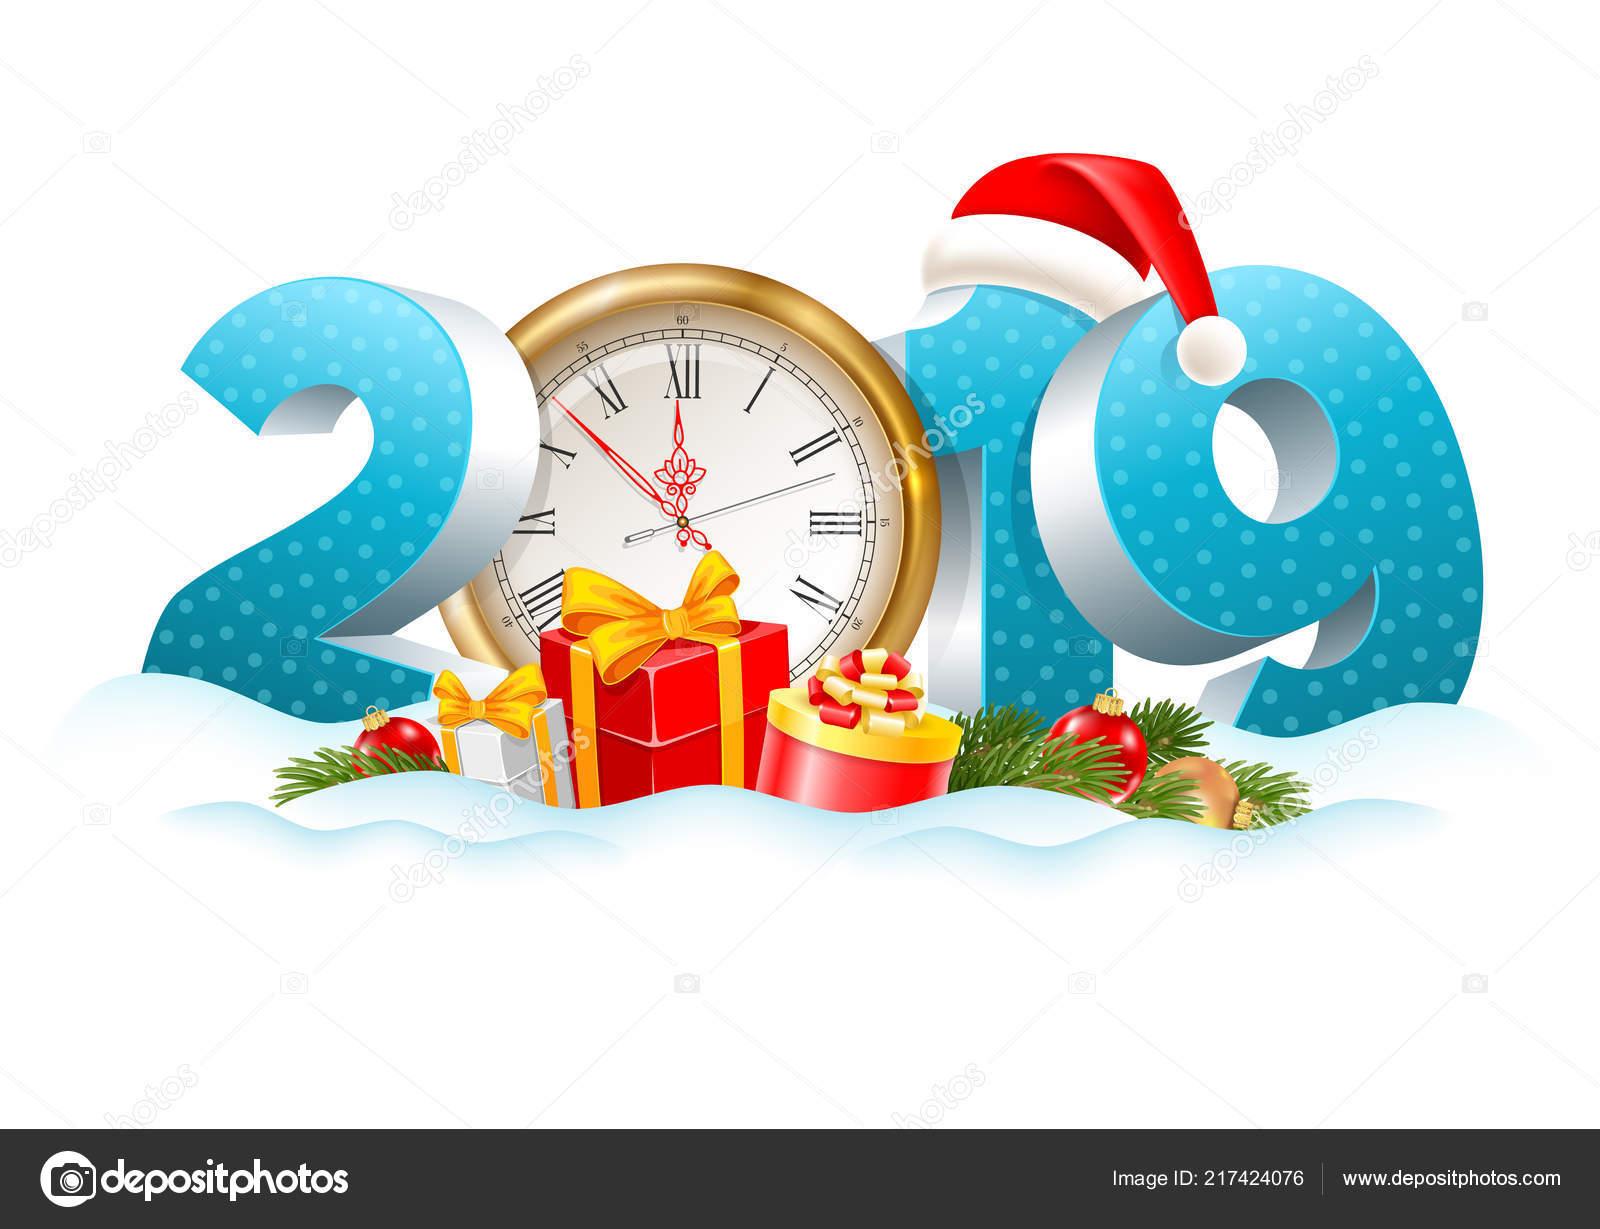 Weihnachten Urlaub 2019.Der Urlaub Ist Weihnachten Vor Der Tür Volumetrische Ziffern 2019